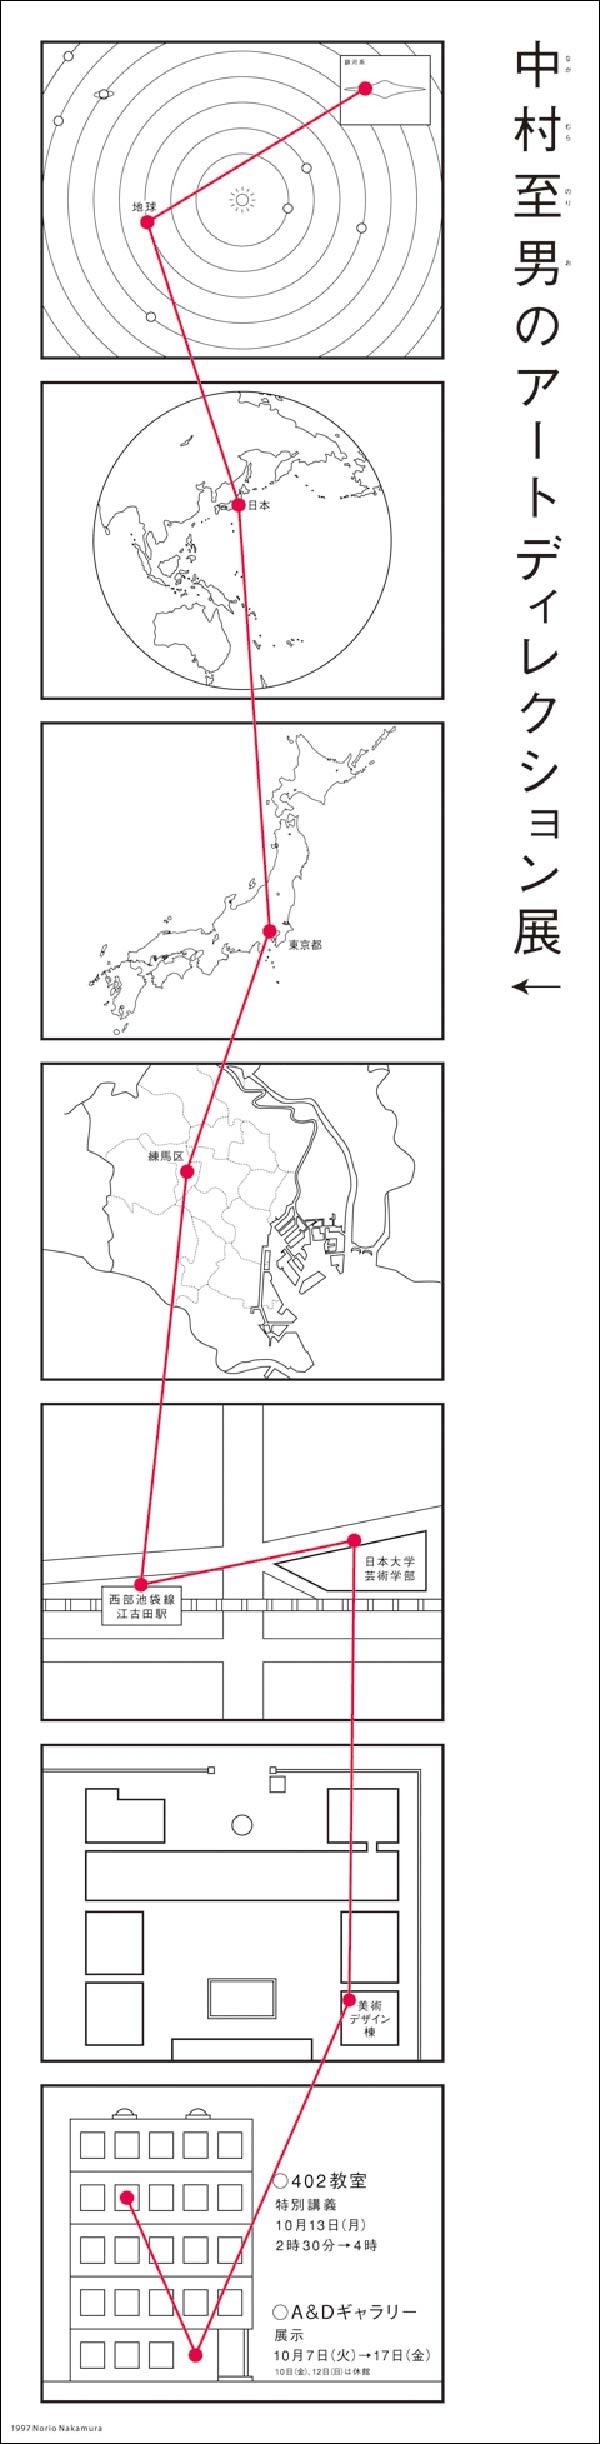 norio-nakamura-05